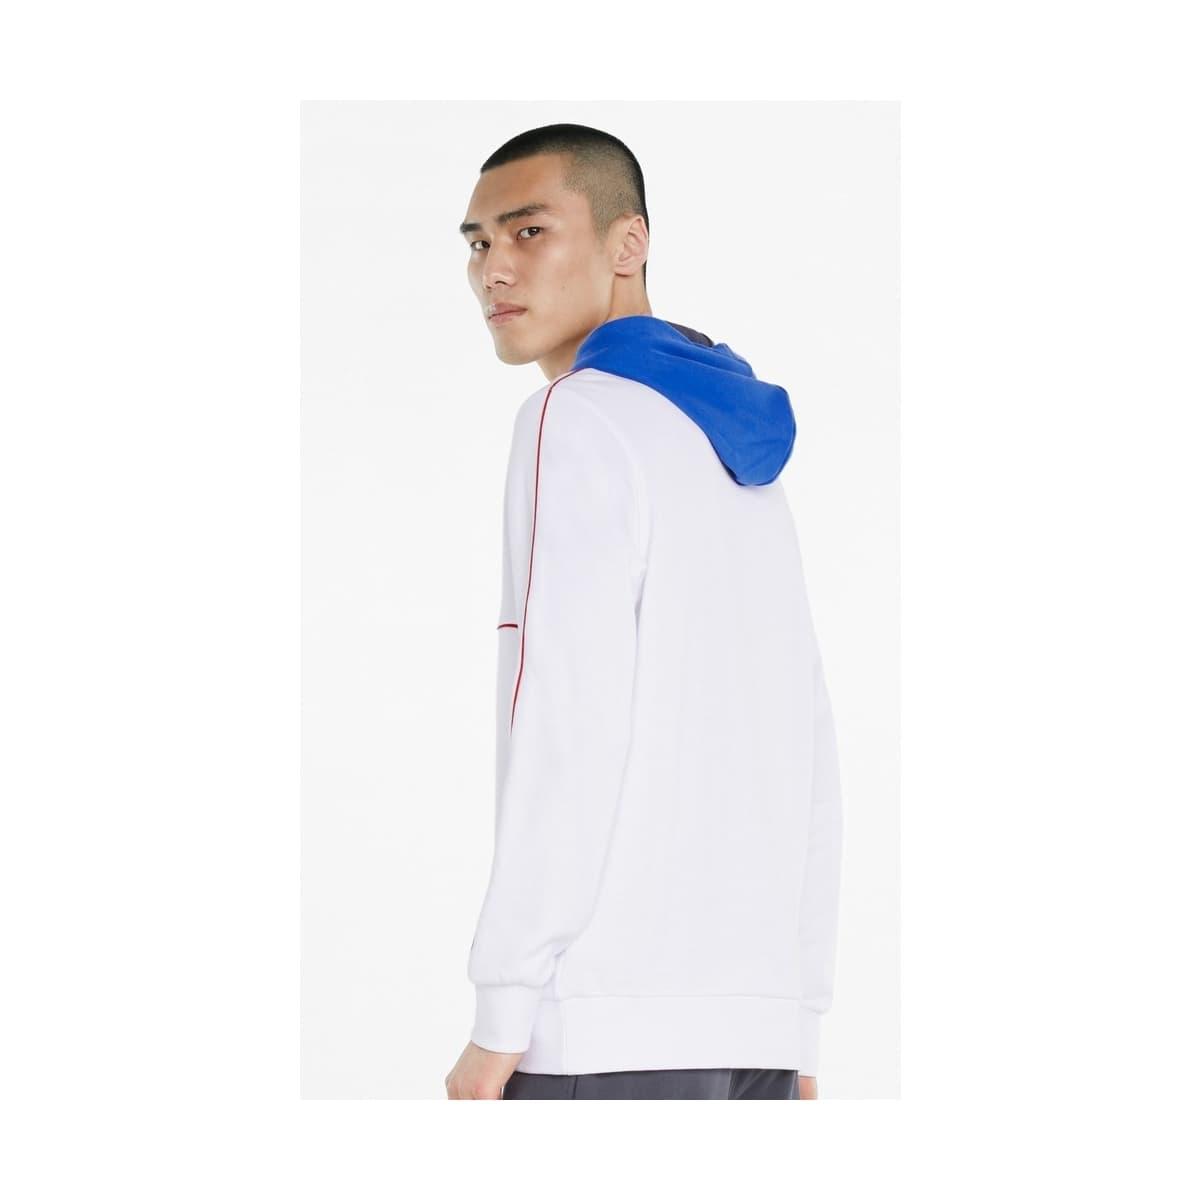 CLSX Piped Erkek Beyaz Kapüşonlu Sweatshirt (531705-02)